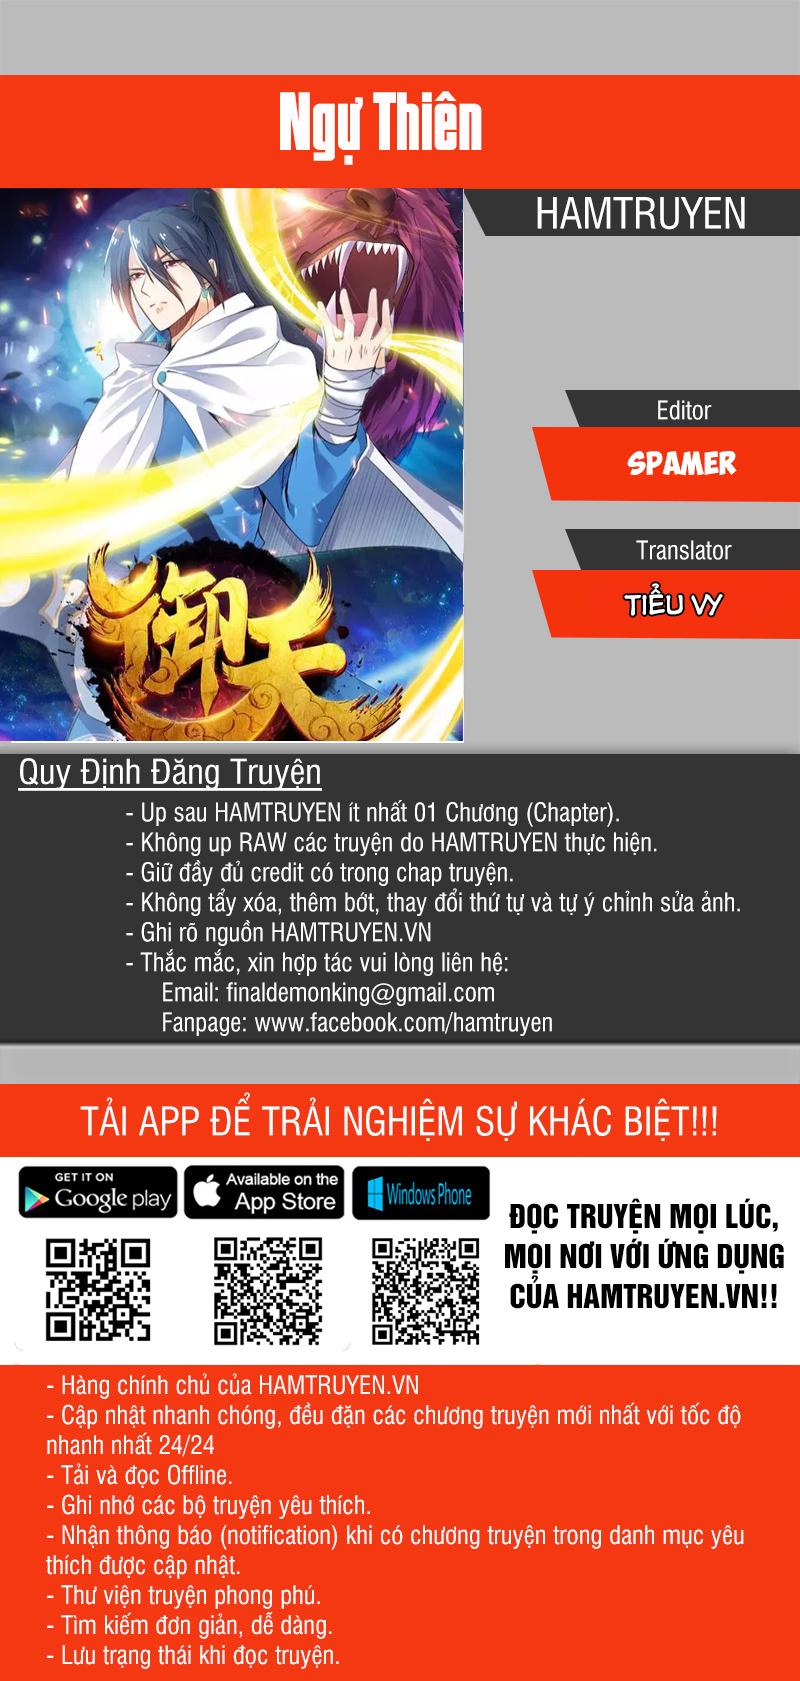 Ngự Thiên Chap 15 Upload bởi Truyentranhmoi.net